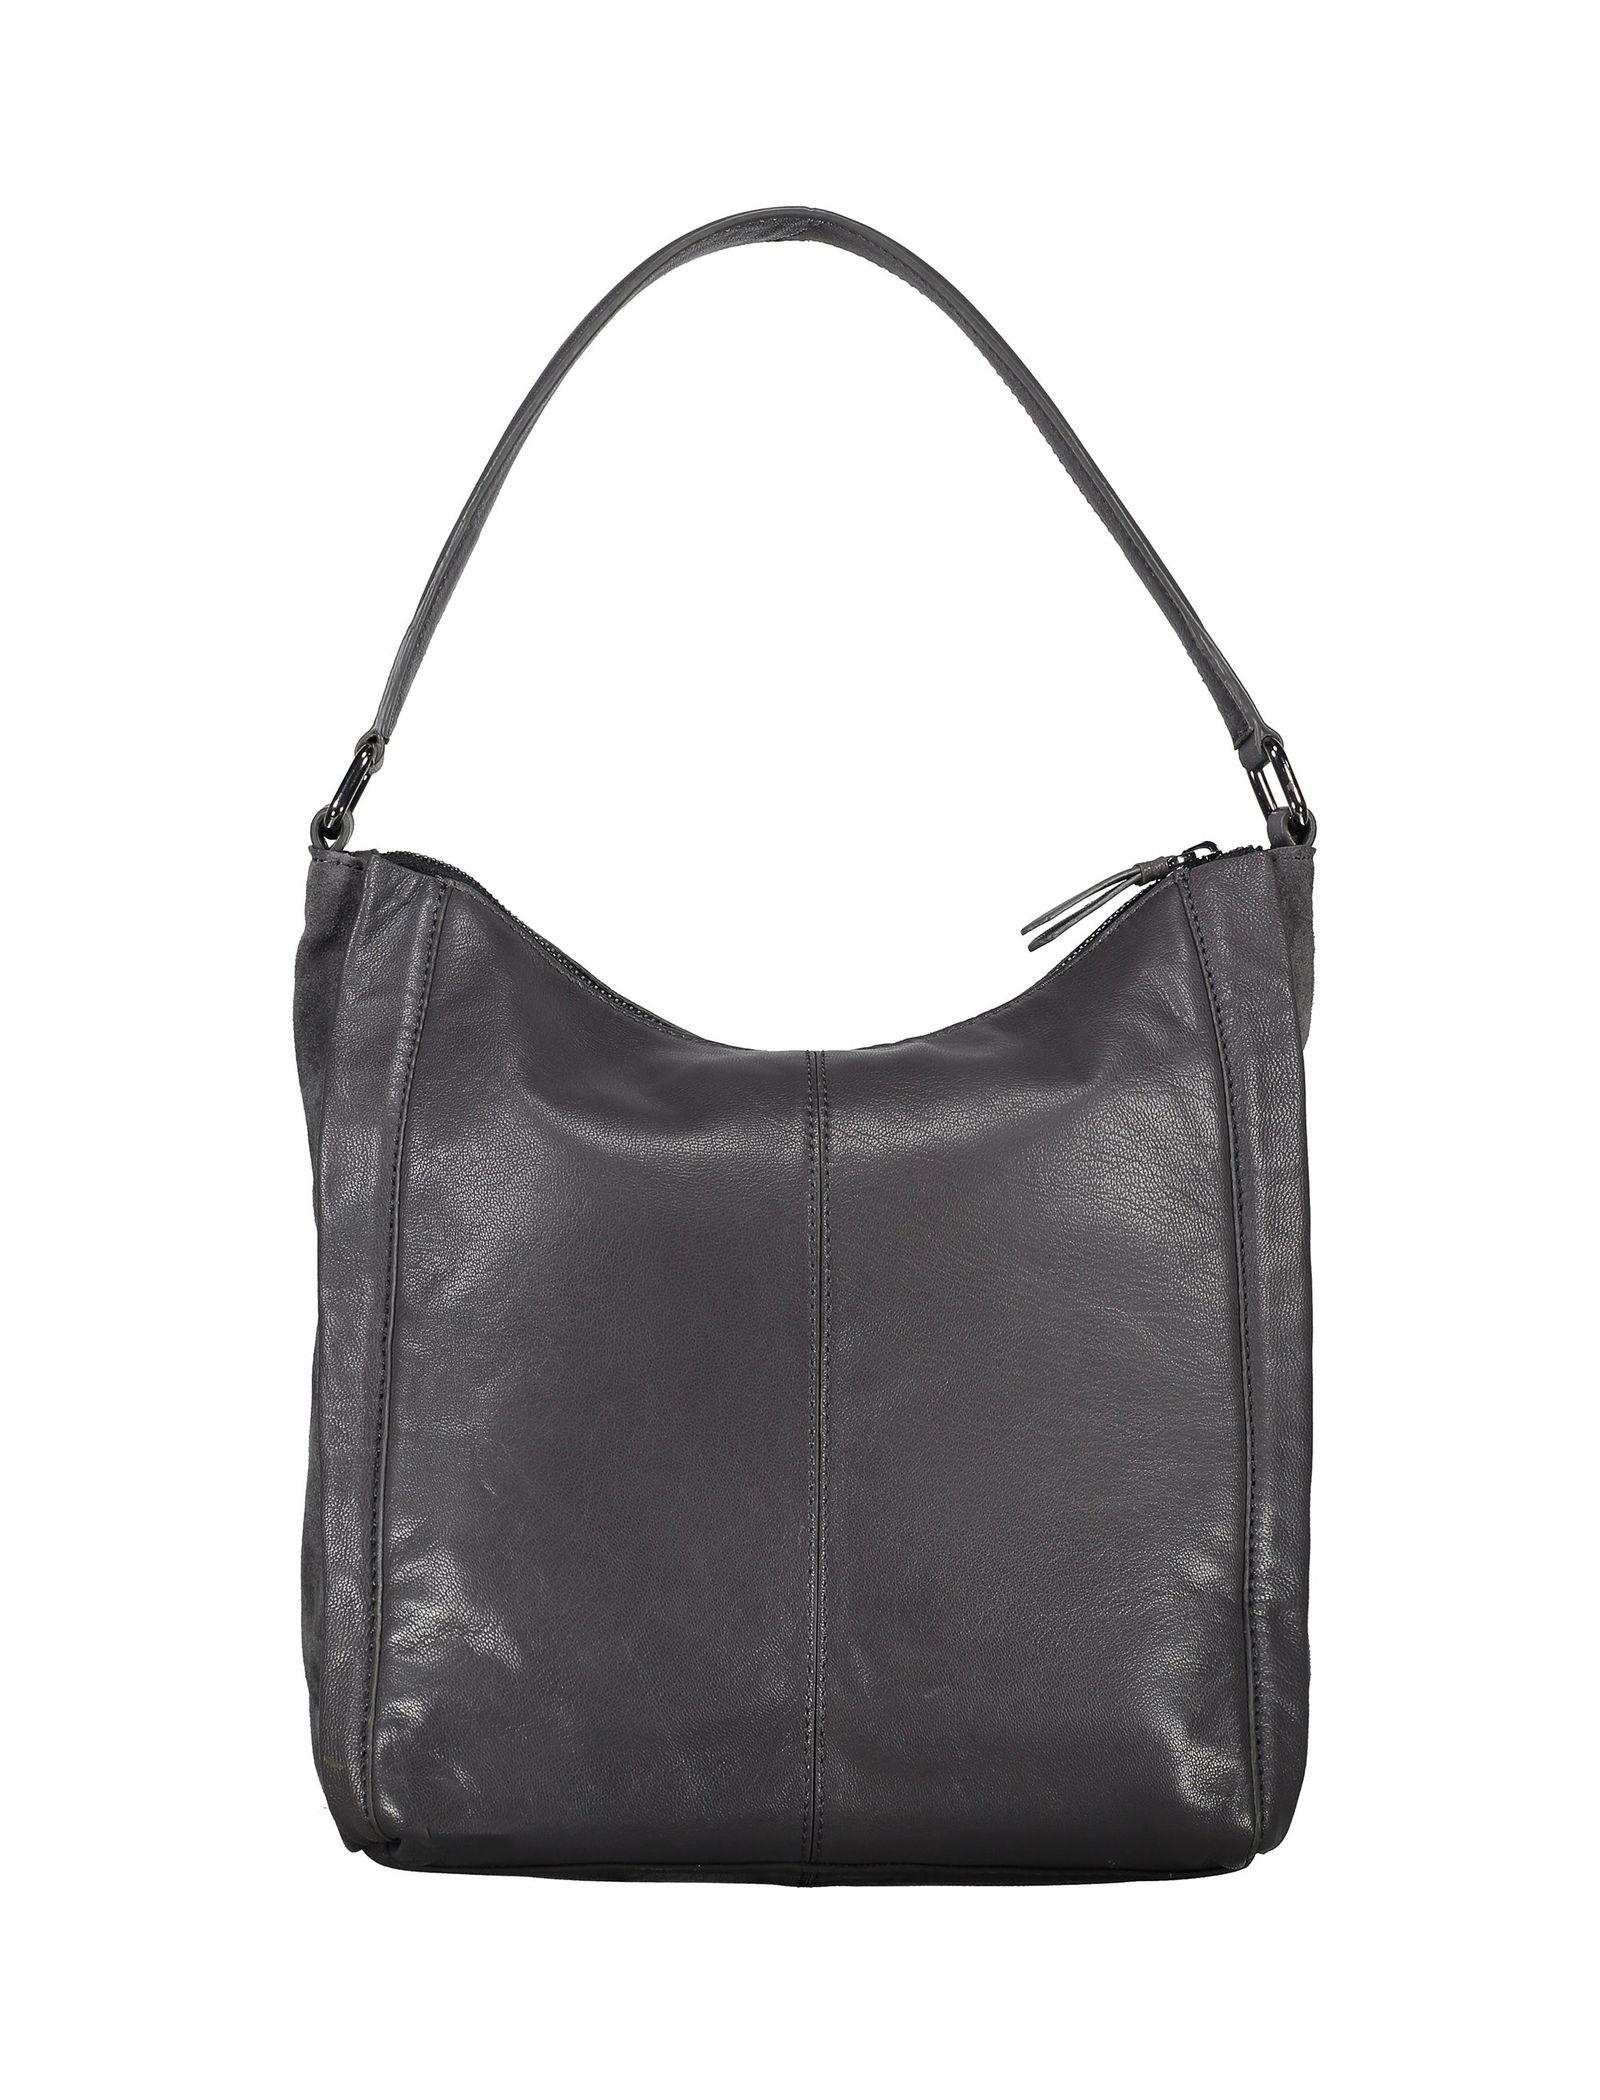 کیف دوشی چرم زنانه - باتا - قهوه اي مايل به طوسي - 2